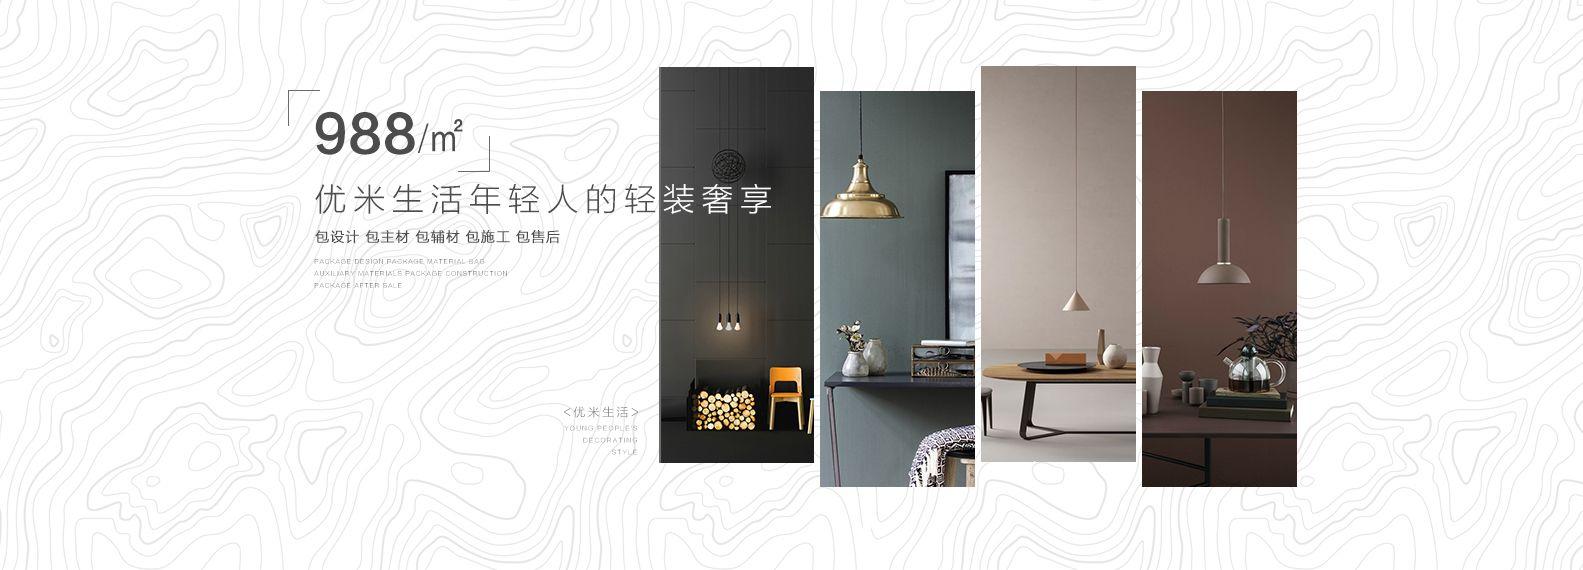 成都家和装饰&优米生活988元/㎡舒适型整装系列